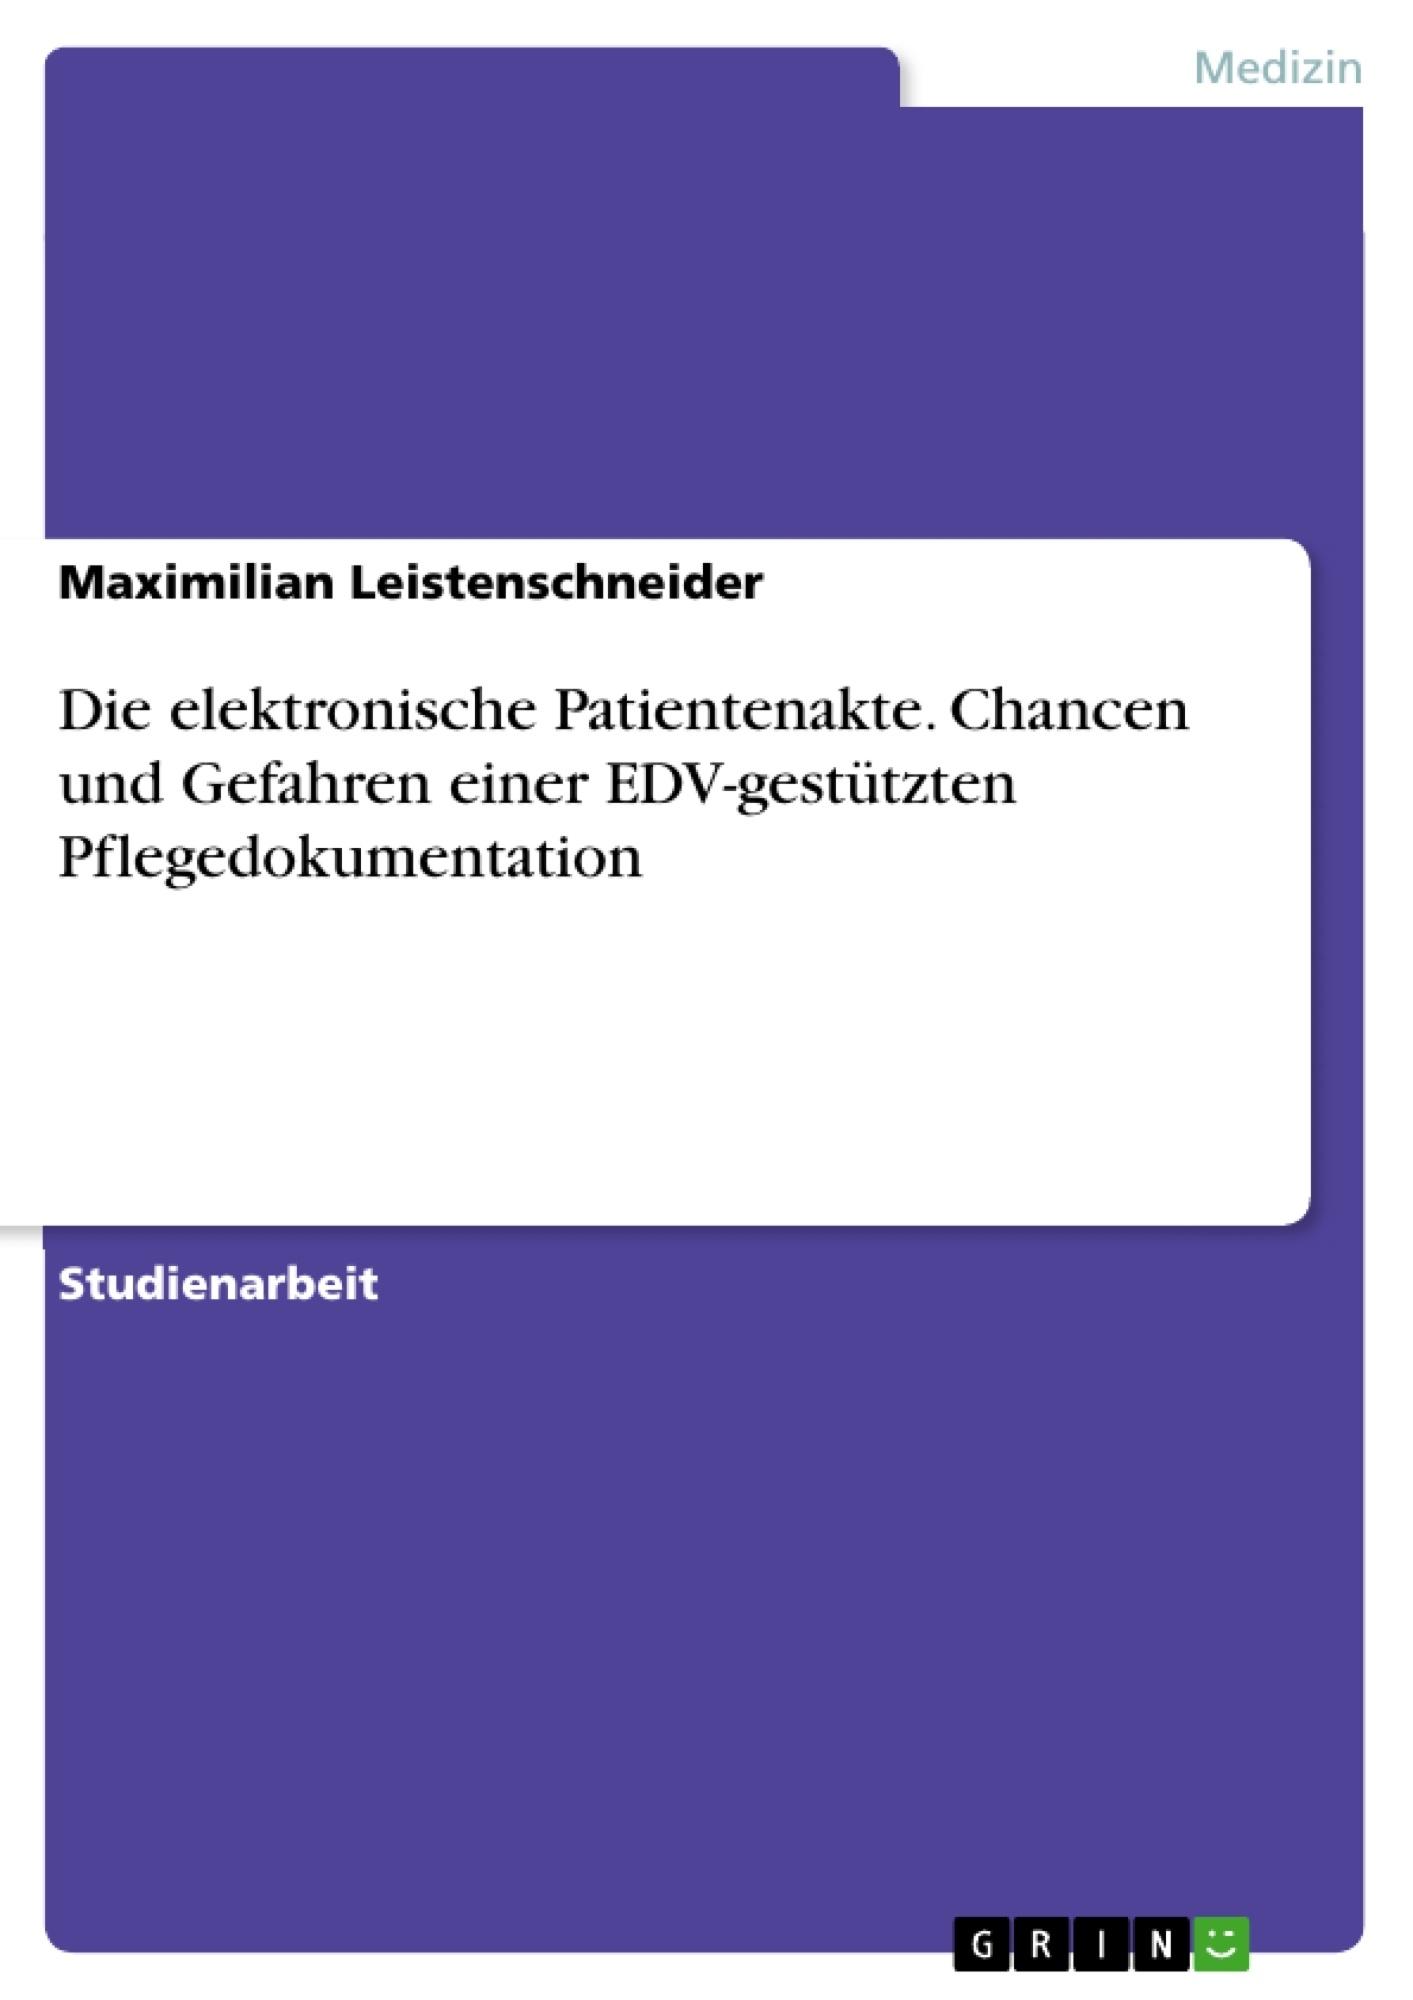 Titel: Die elektronische Patientenakte. Chancen und Gefahren einer EDV-gestützten Pflegedokumentation